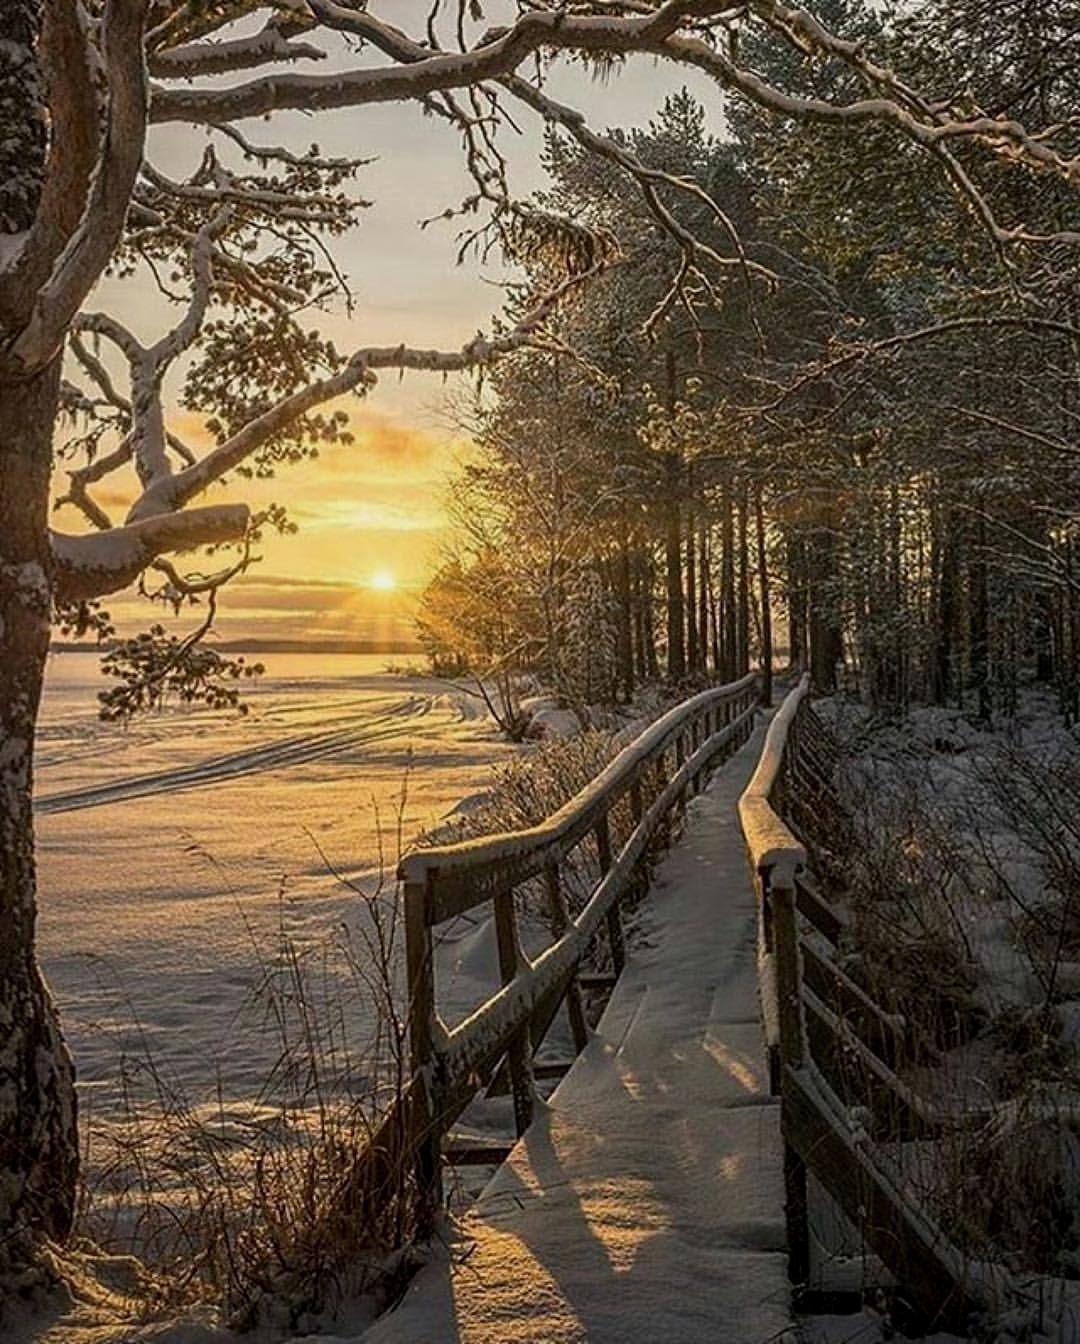 """Travel Scenery: @travelnaturephotos On Instagram: """"Landön, Sweden. Source"""